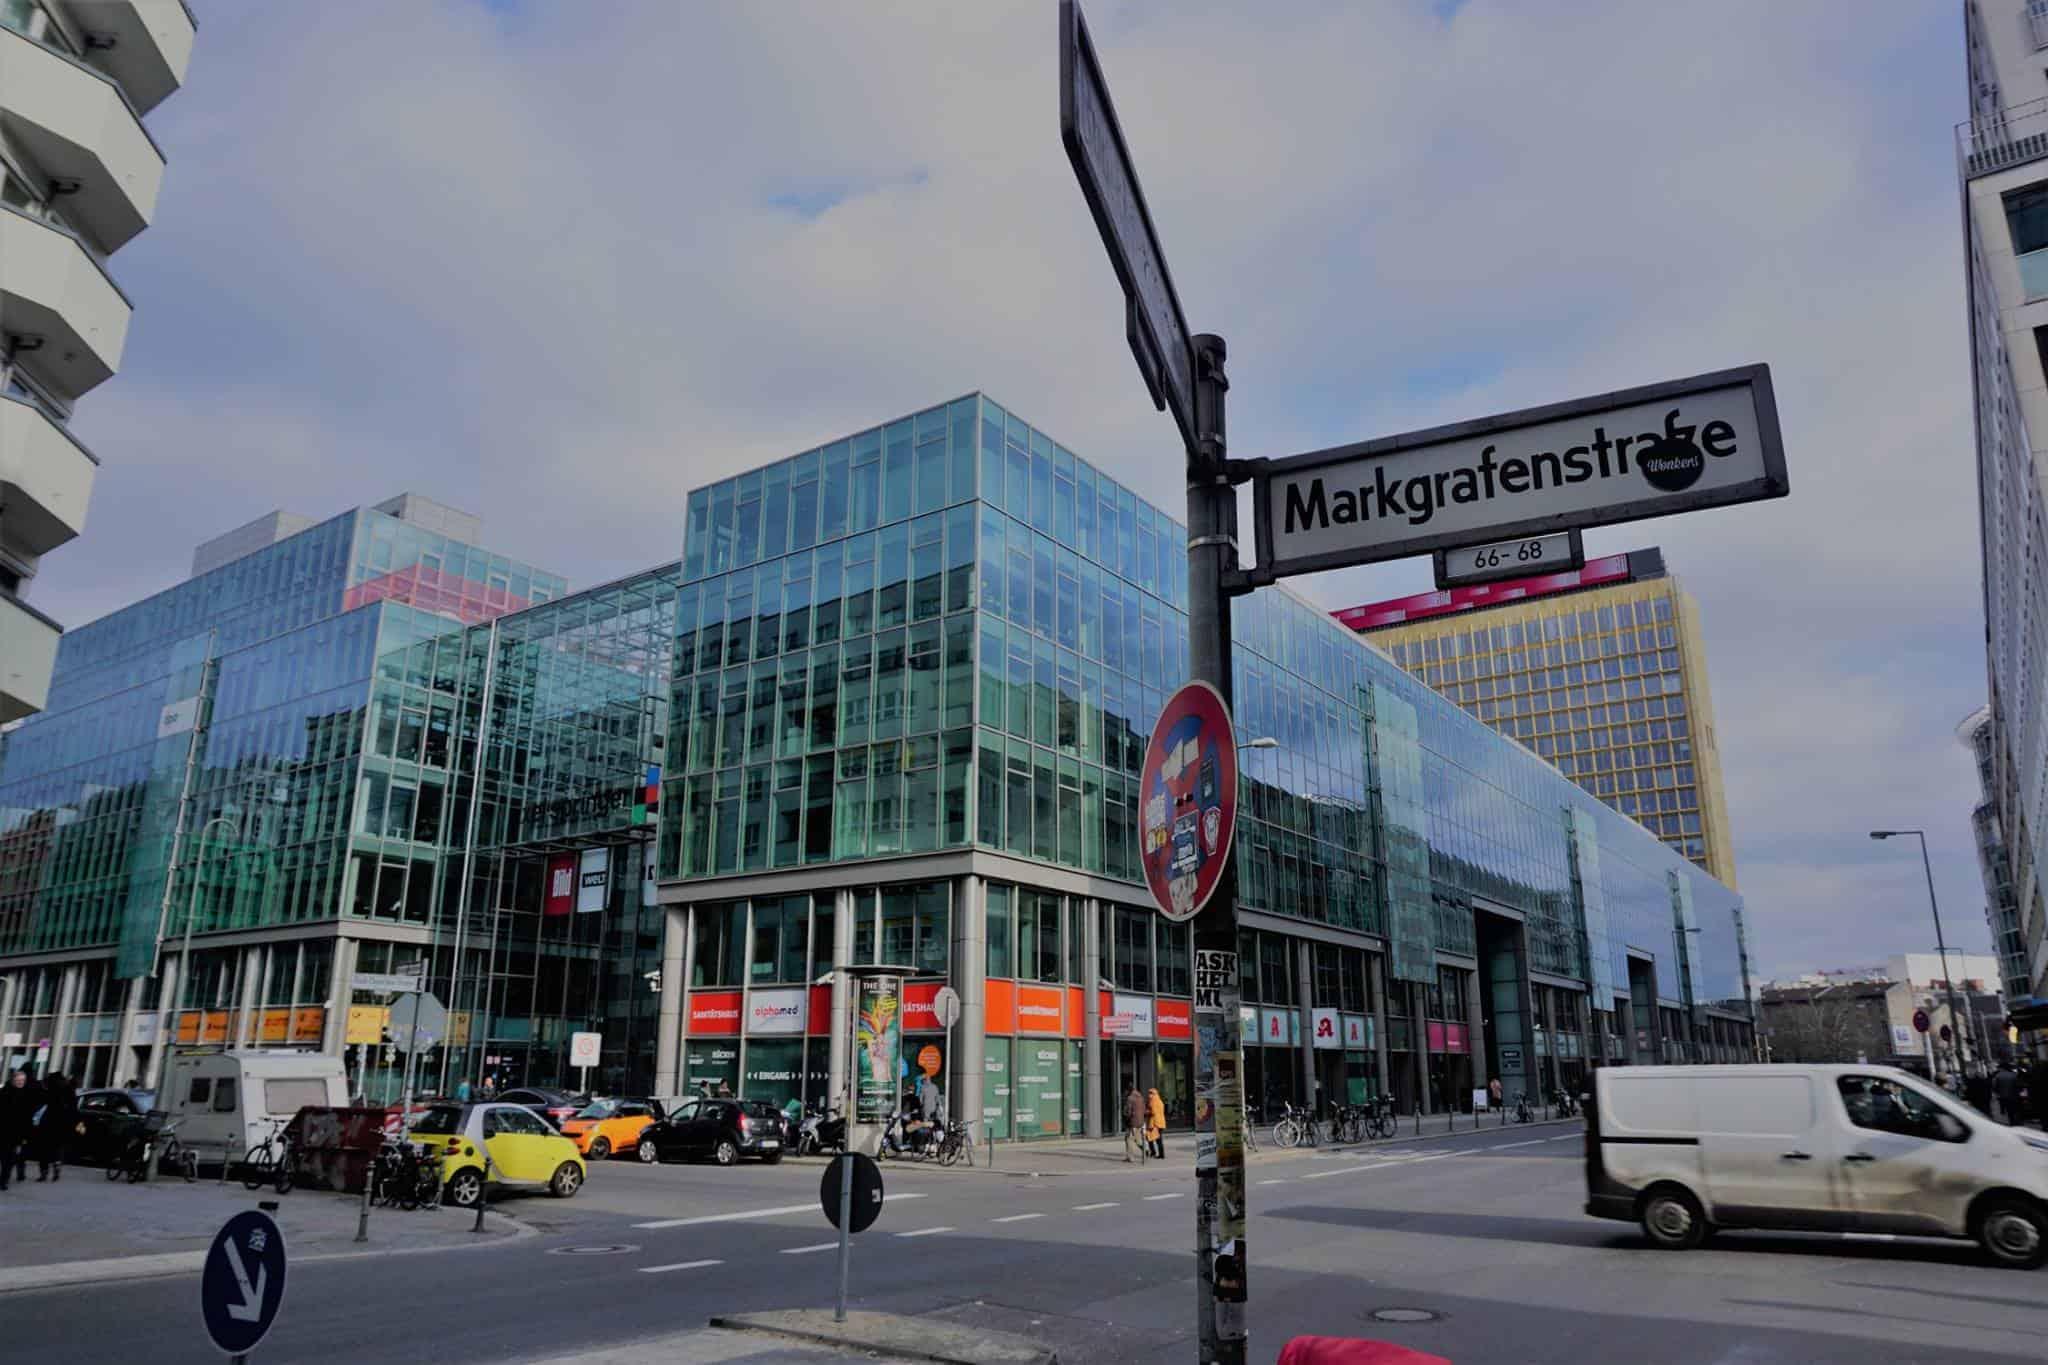 videoSightseein Gewinnspiel Wer von euch kennt diese Berliner Orte Sie